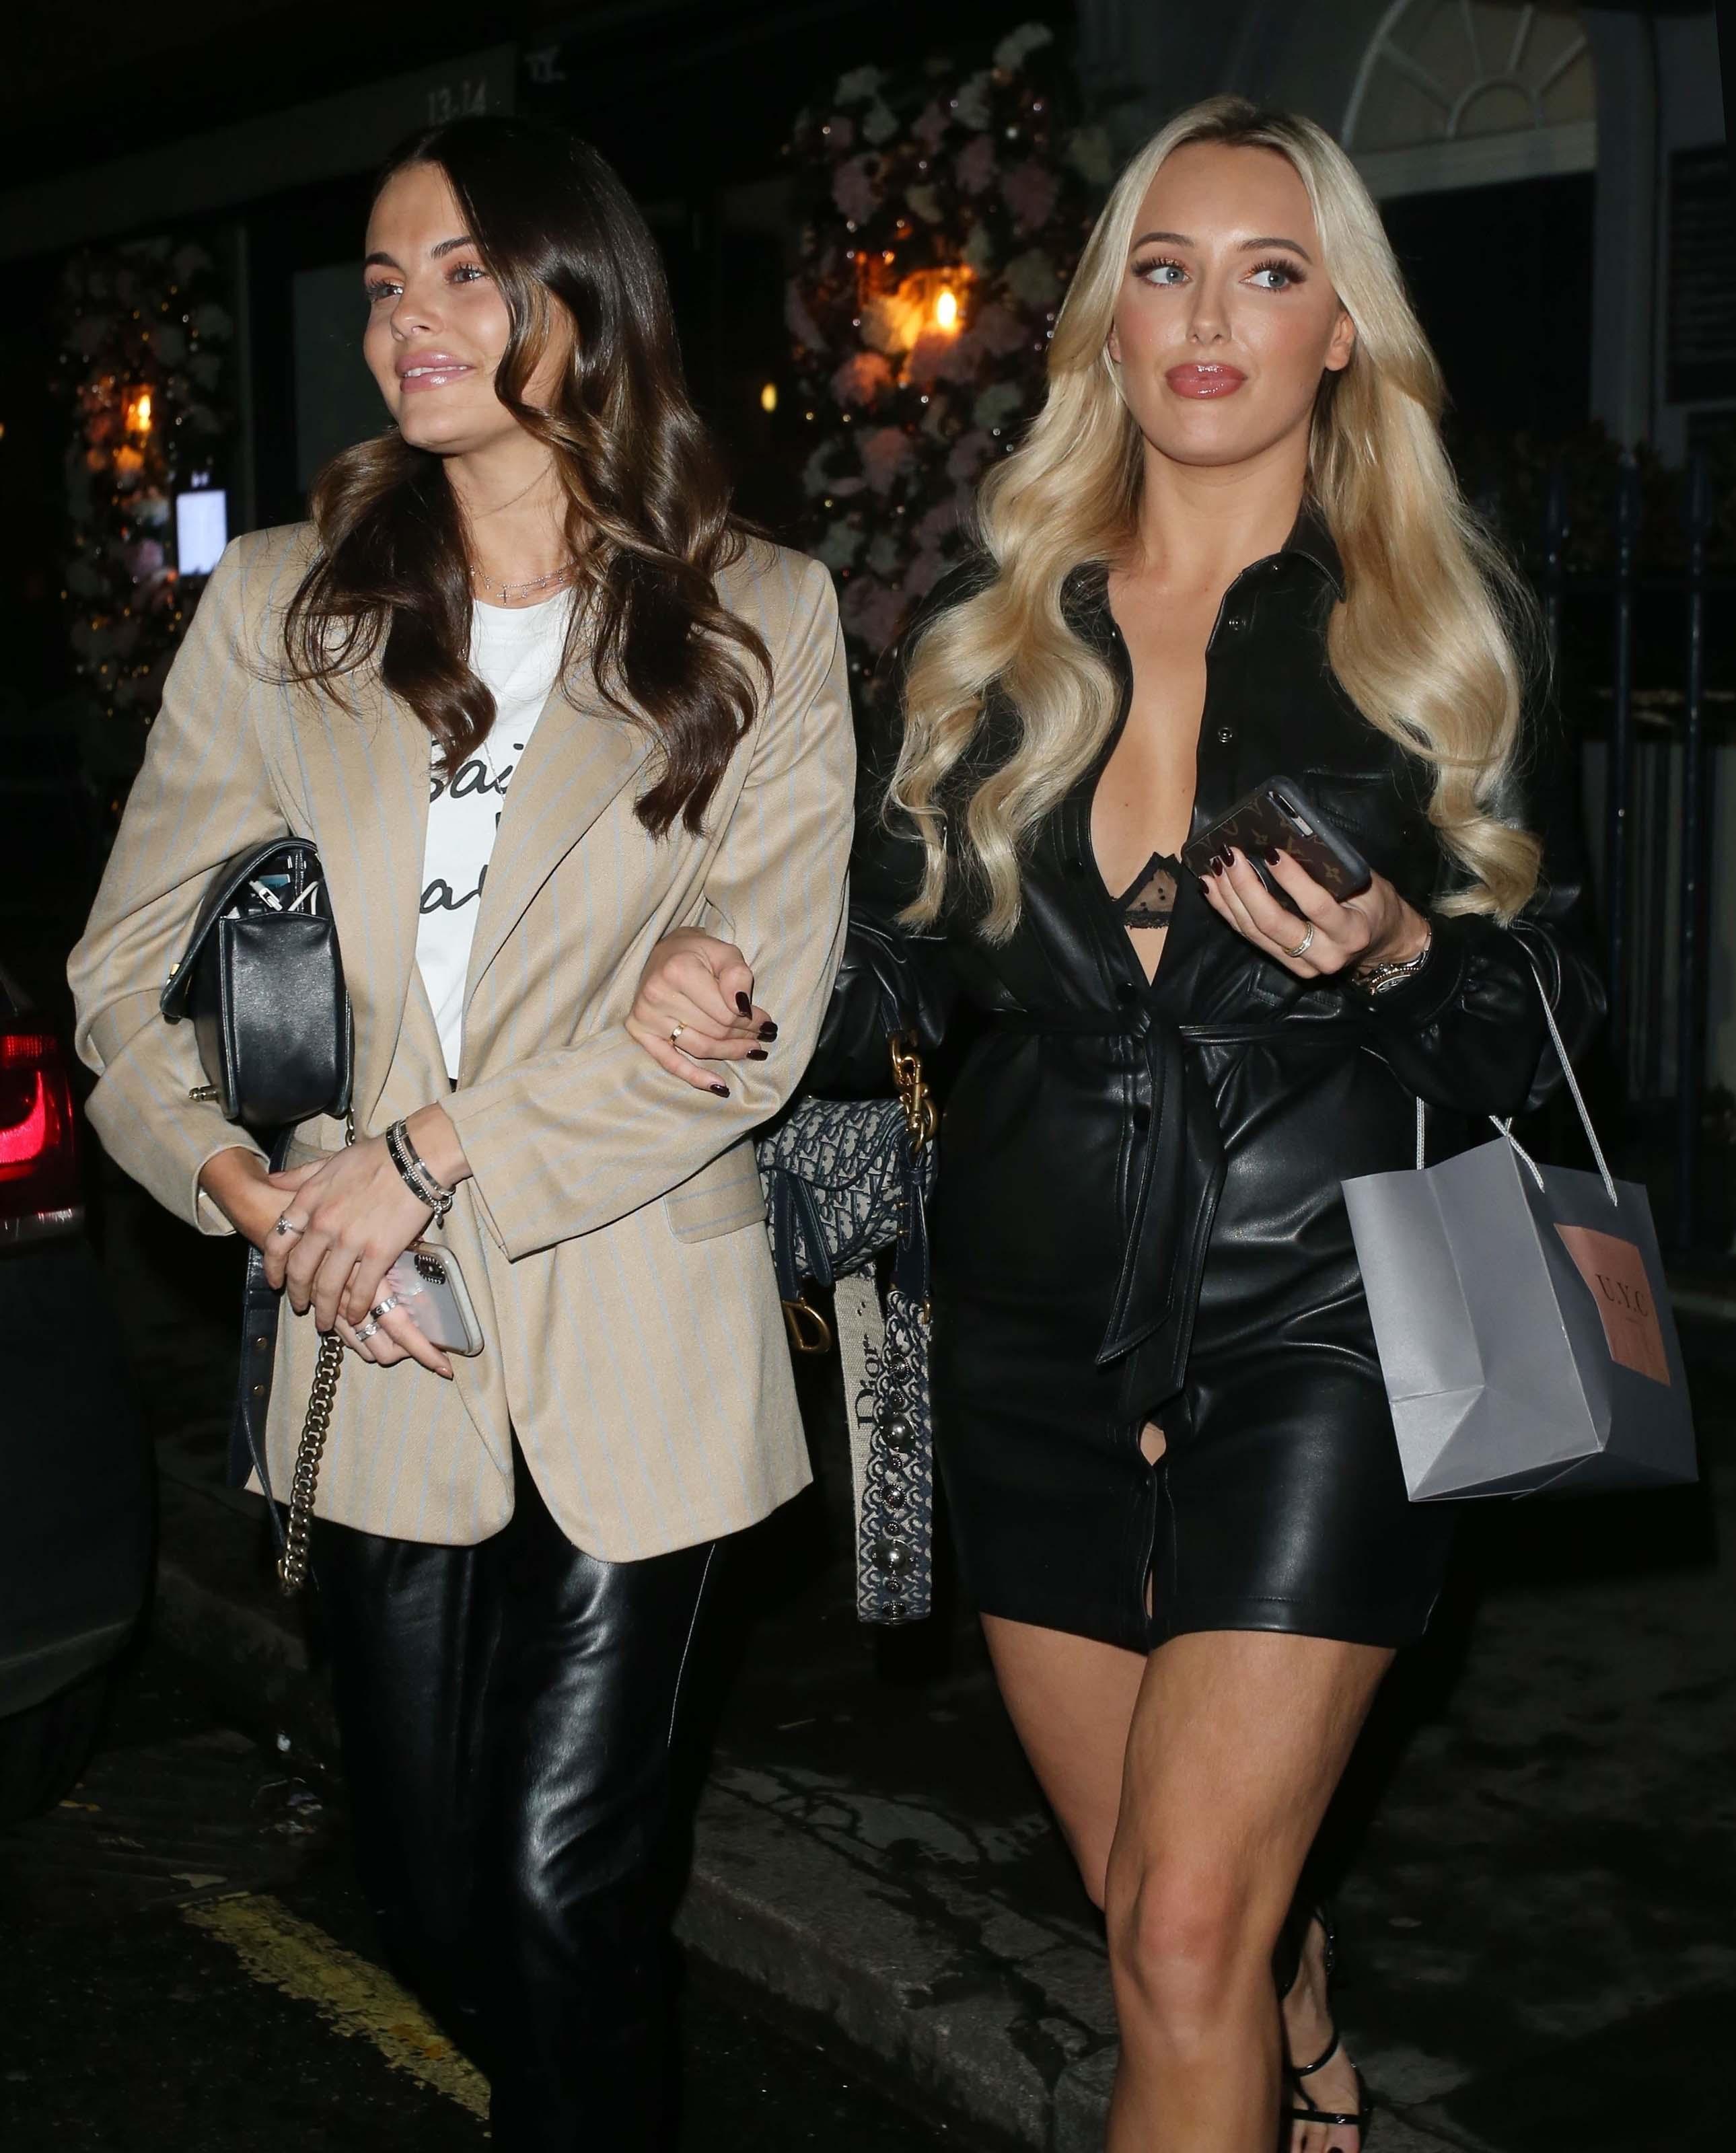 Amber Turner & Emily Blackwell attend UYC London Christmas Dinner